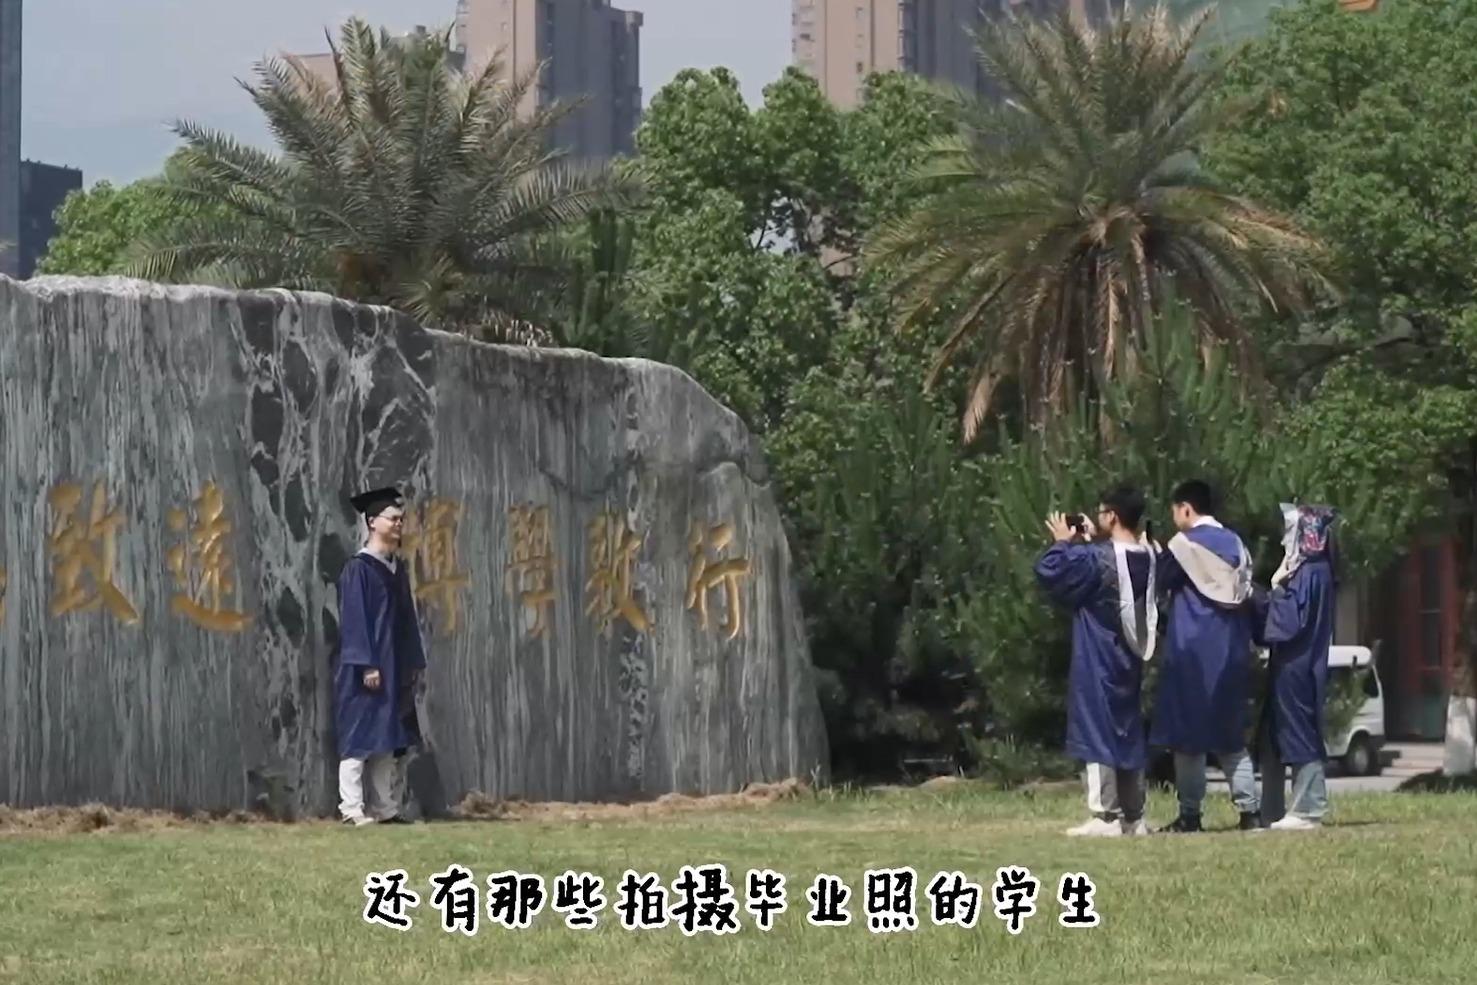 浙理探校 | 青春的匆匆岁月从浙理结束,美好的未来从这里开始。